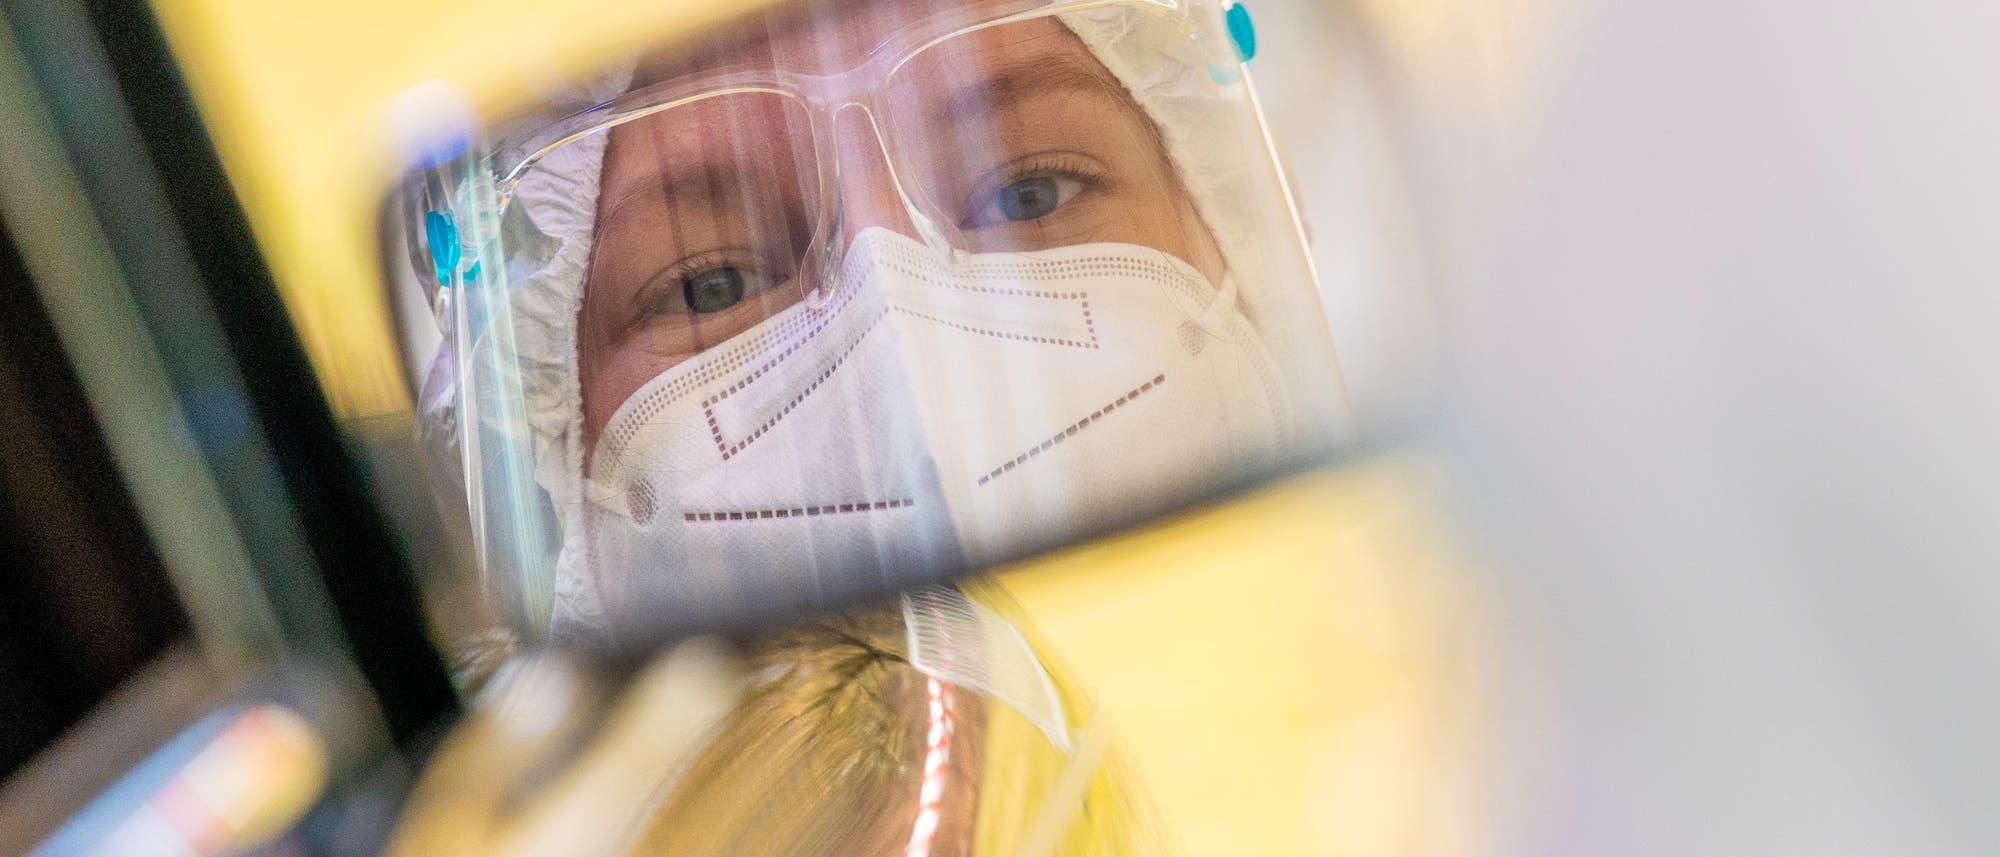 Gurgel-Verfahren to Go: Eine Mitarbeiterin spiegelt sich im Außenspiegel eines Autos, das durch die Teststraße eines Corona-Testzentrums fährt.